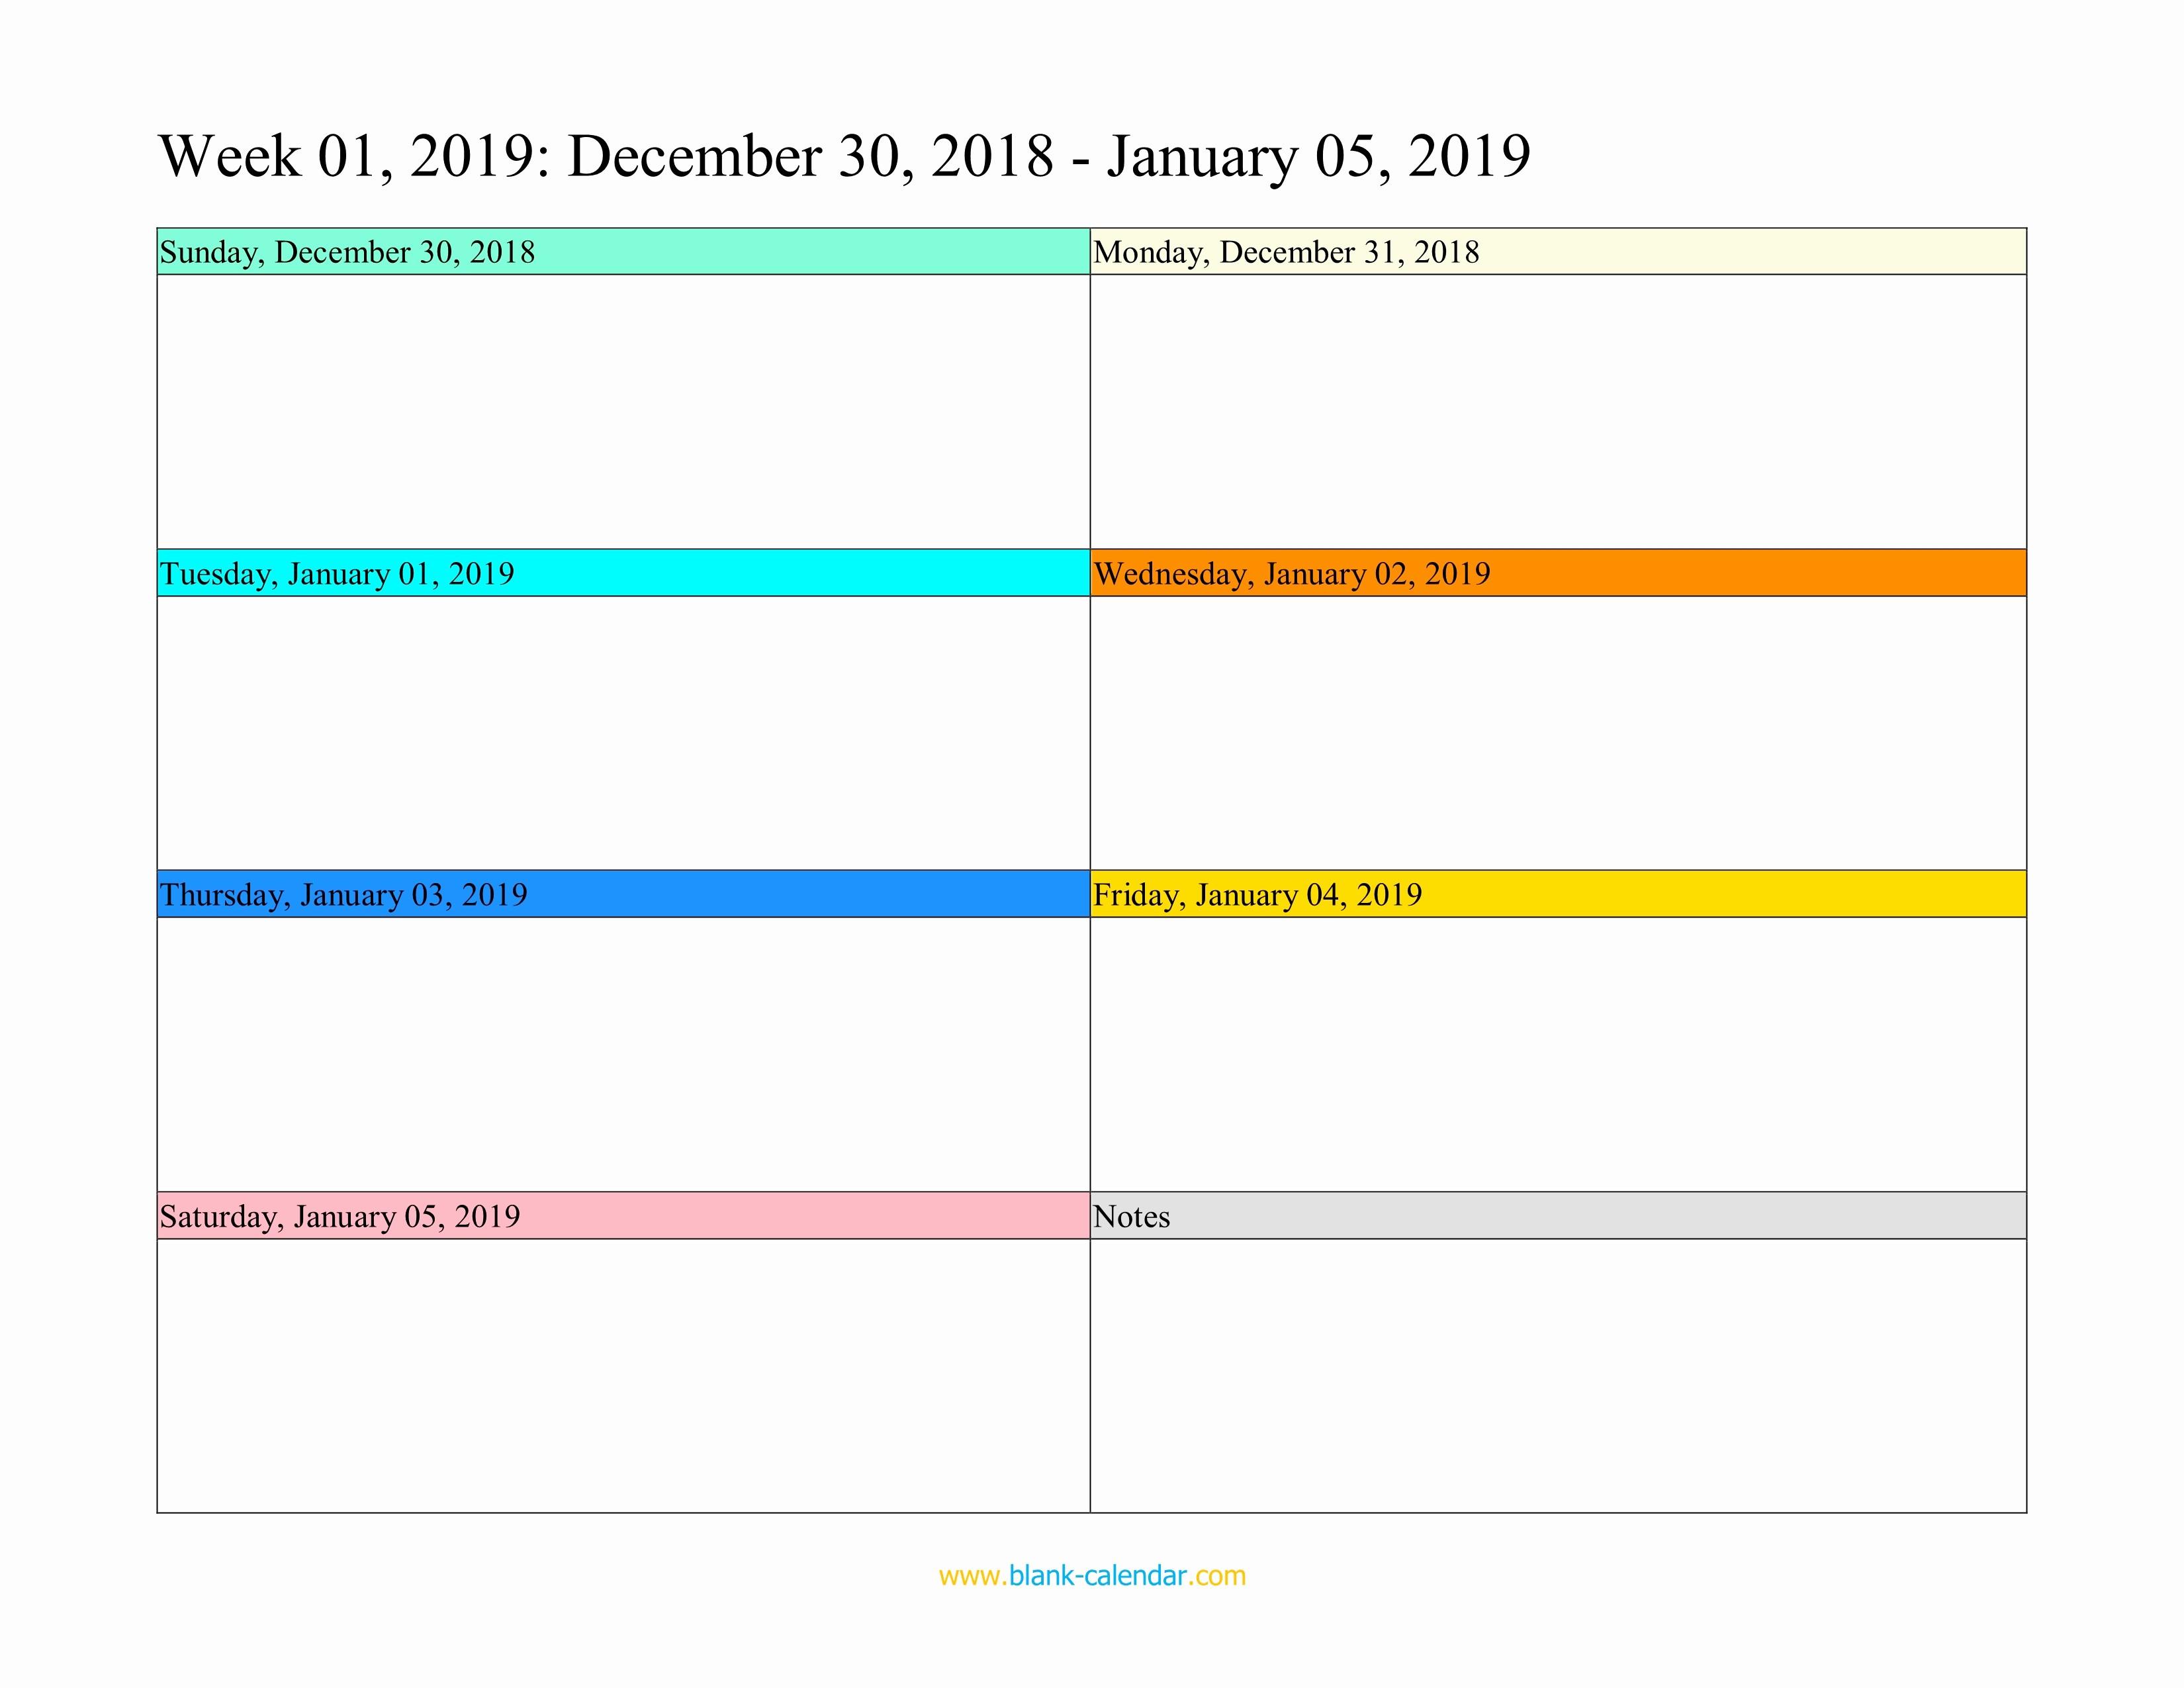 Free Printable Weekly Calendar 2019 New Weekly Calendar 2019 Word Excel Pdf